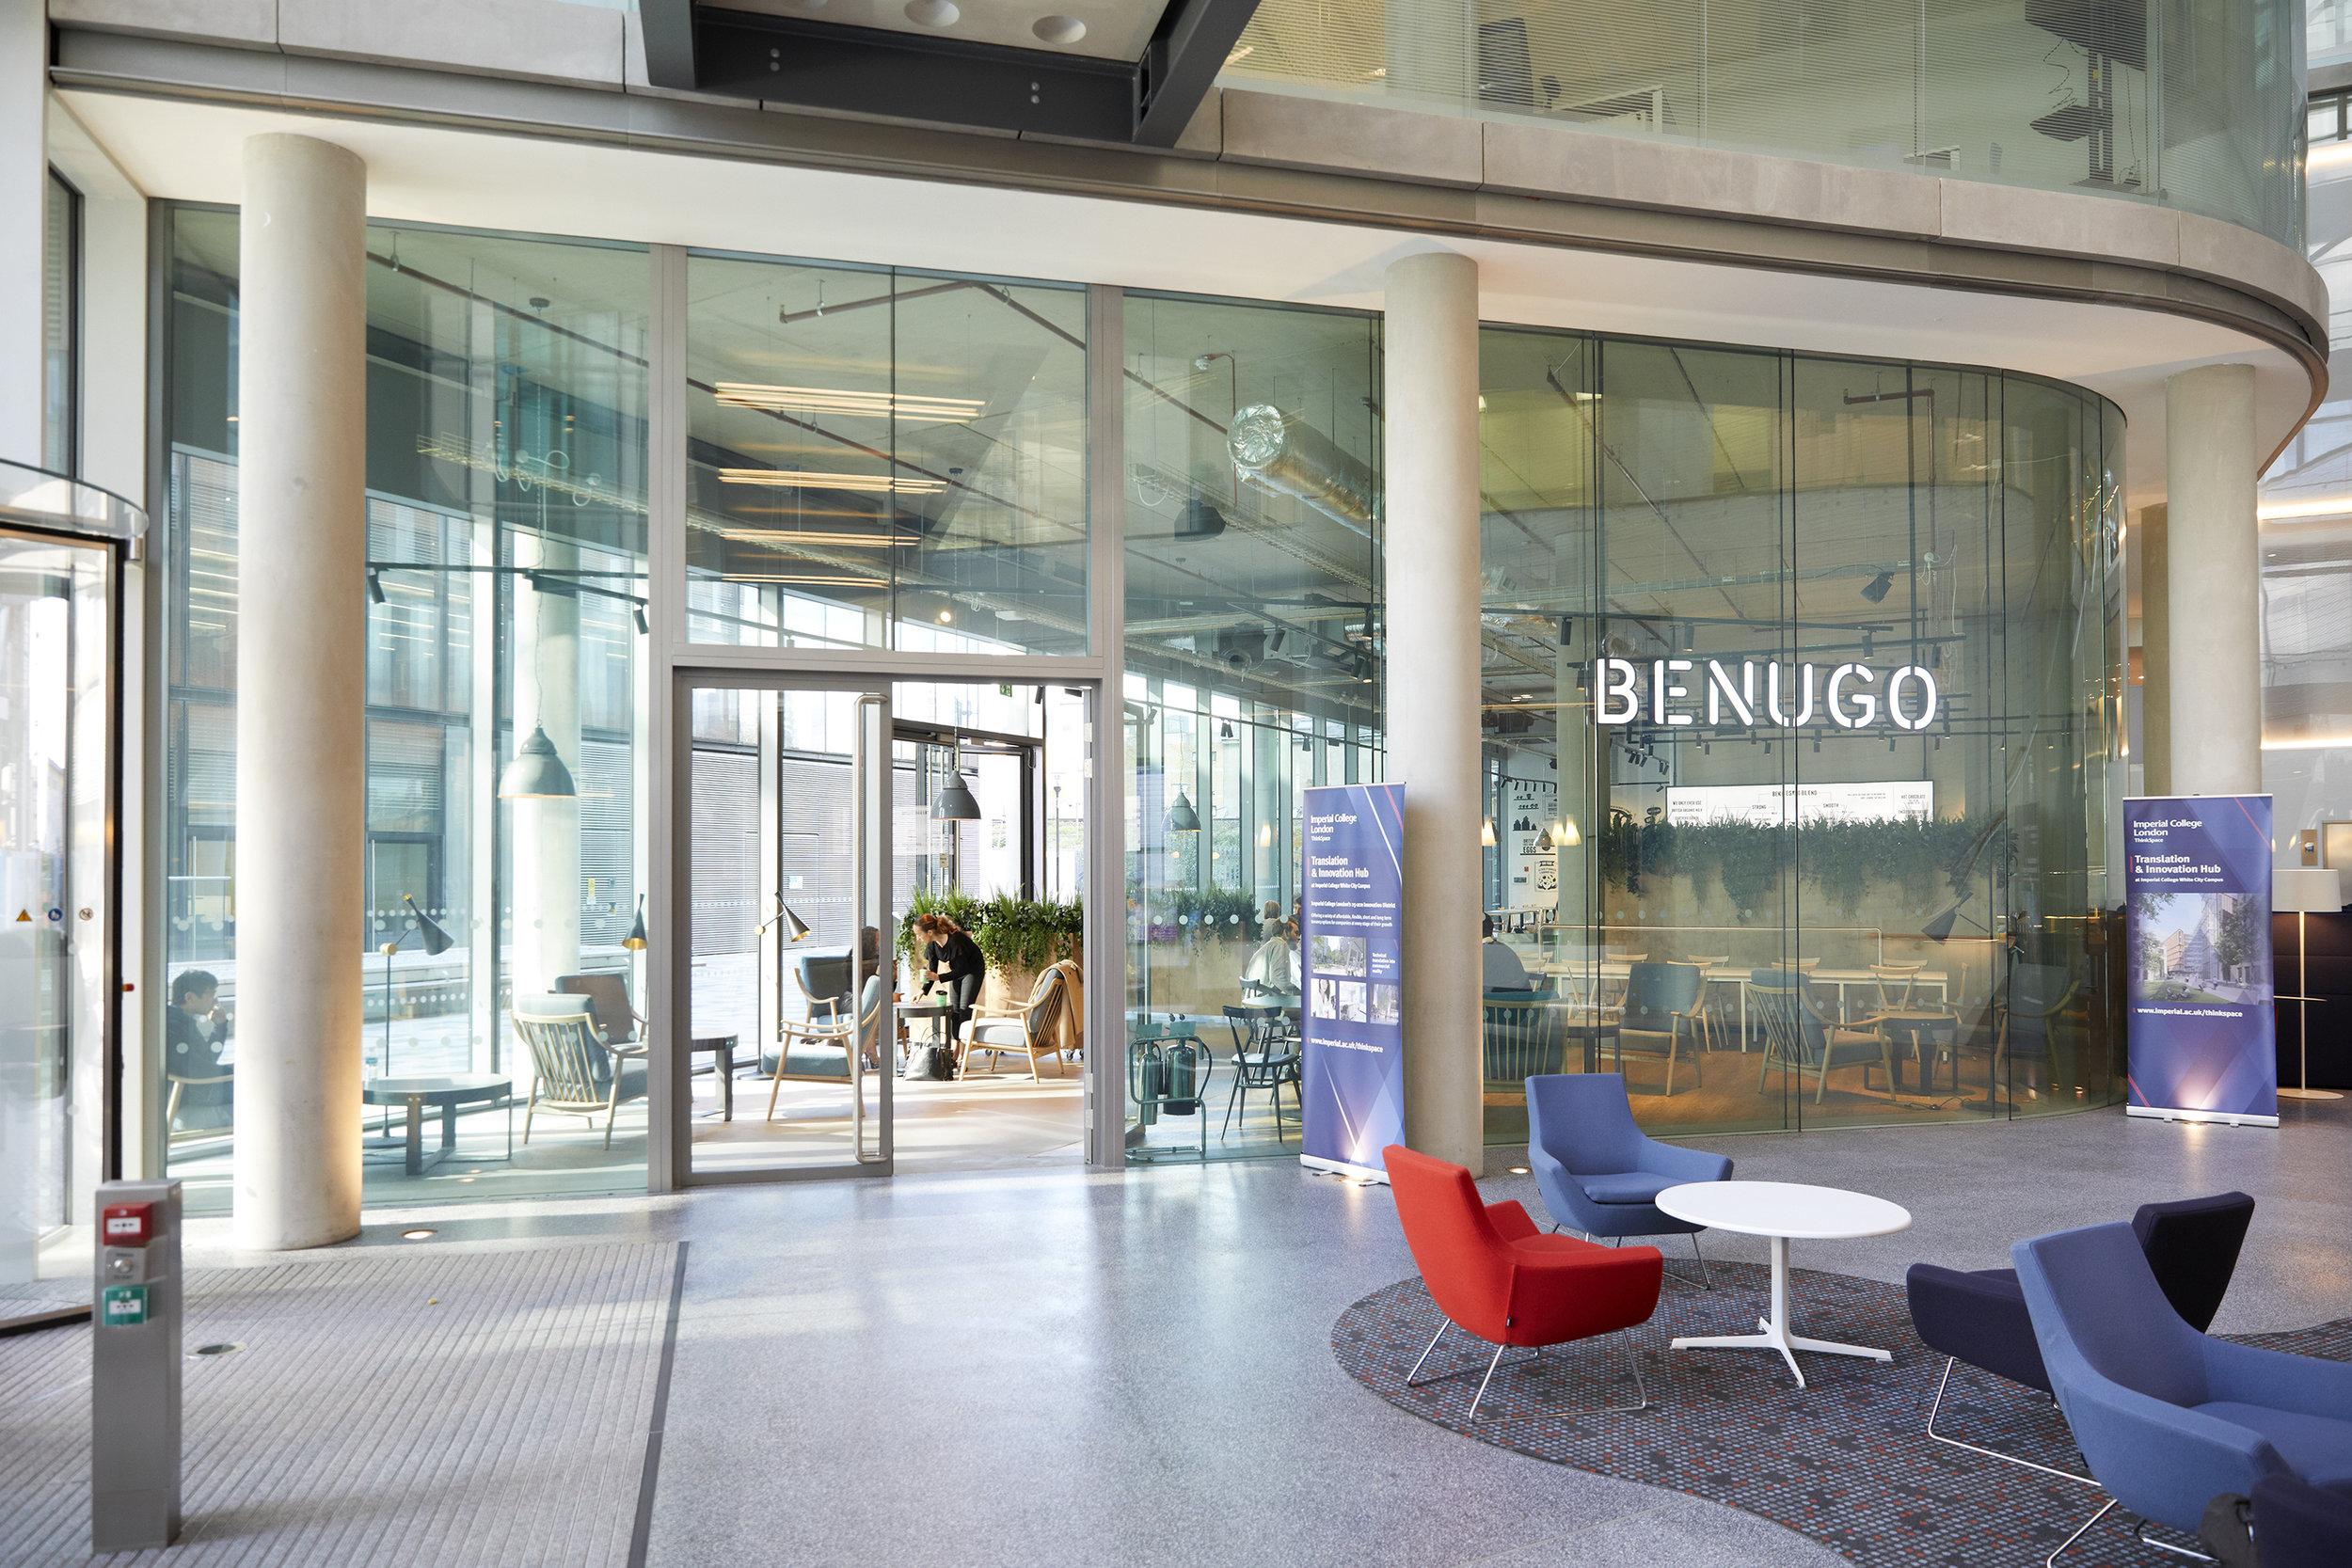 18-10-18 -  Benugo  - 639-Med Res.jpg